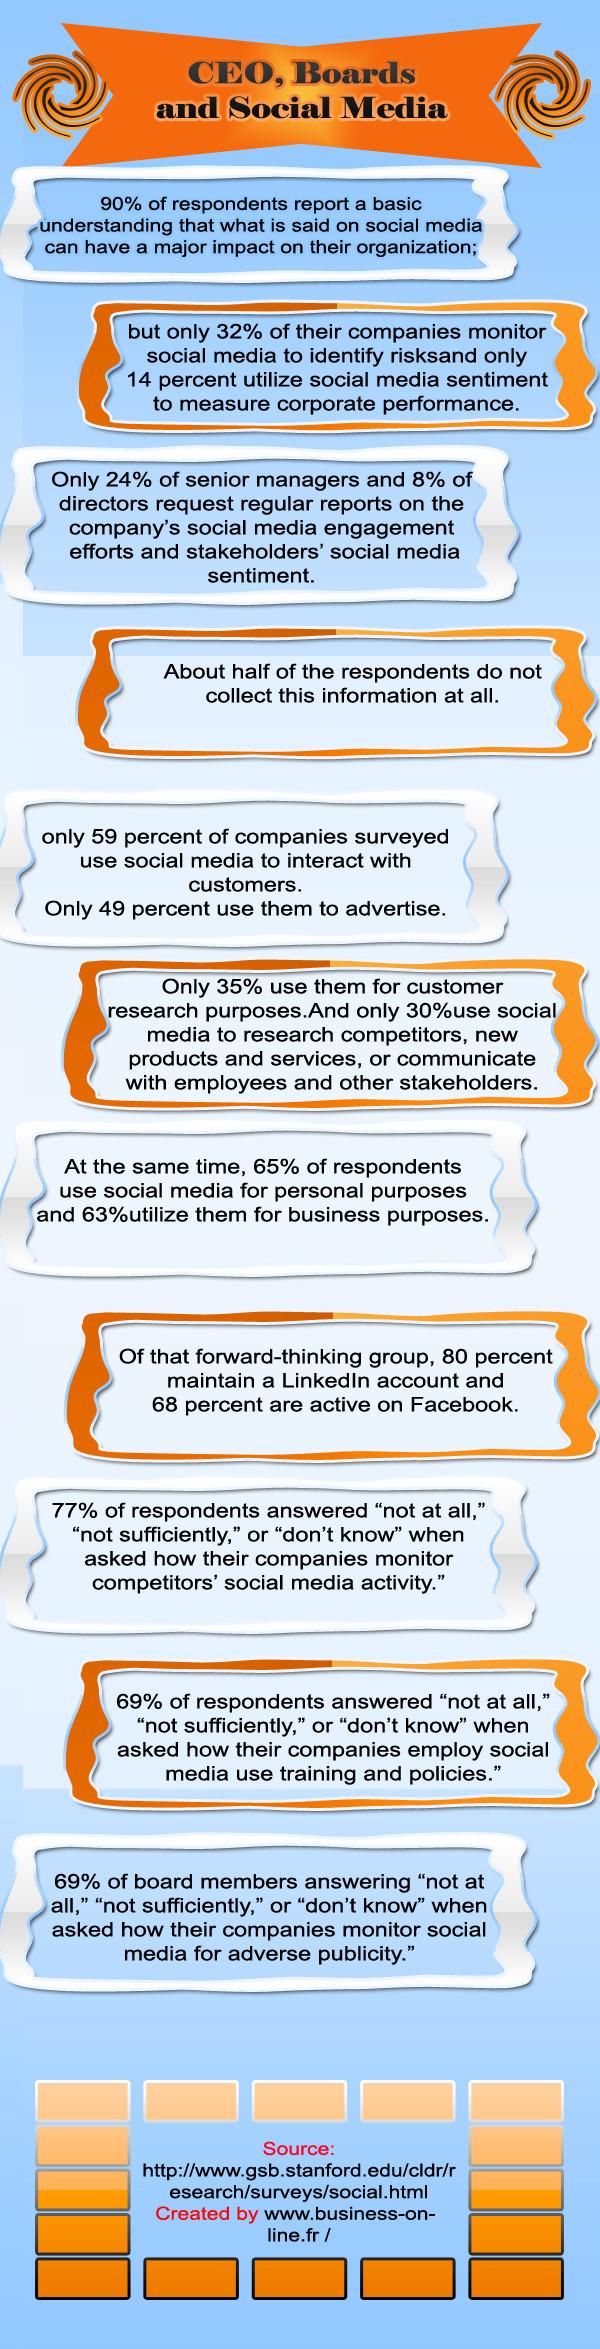 medias_sociaux_impact_business